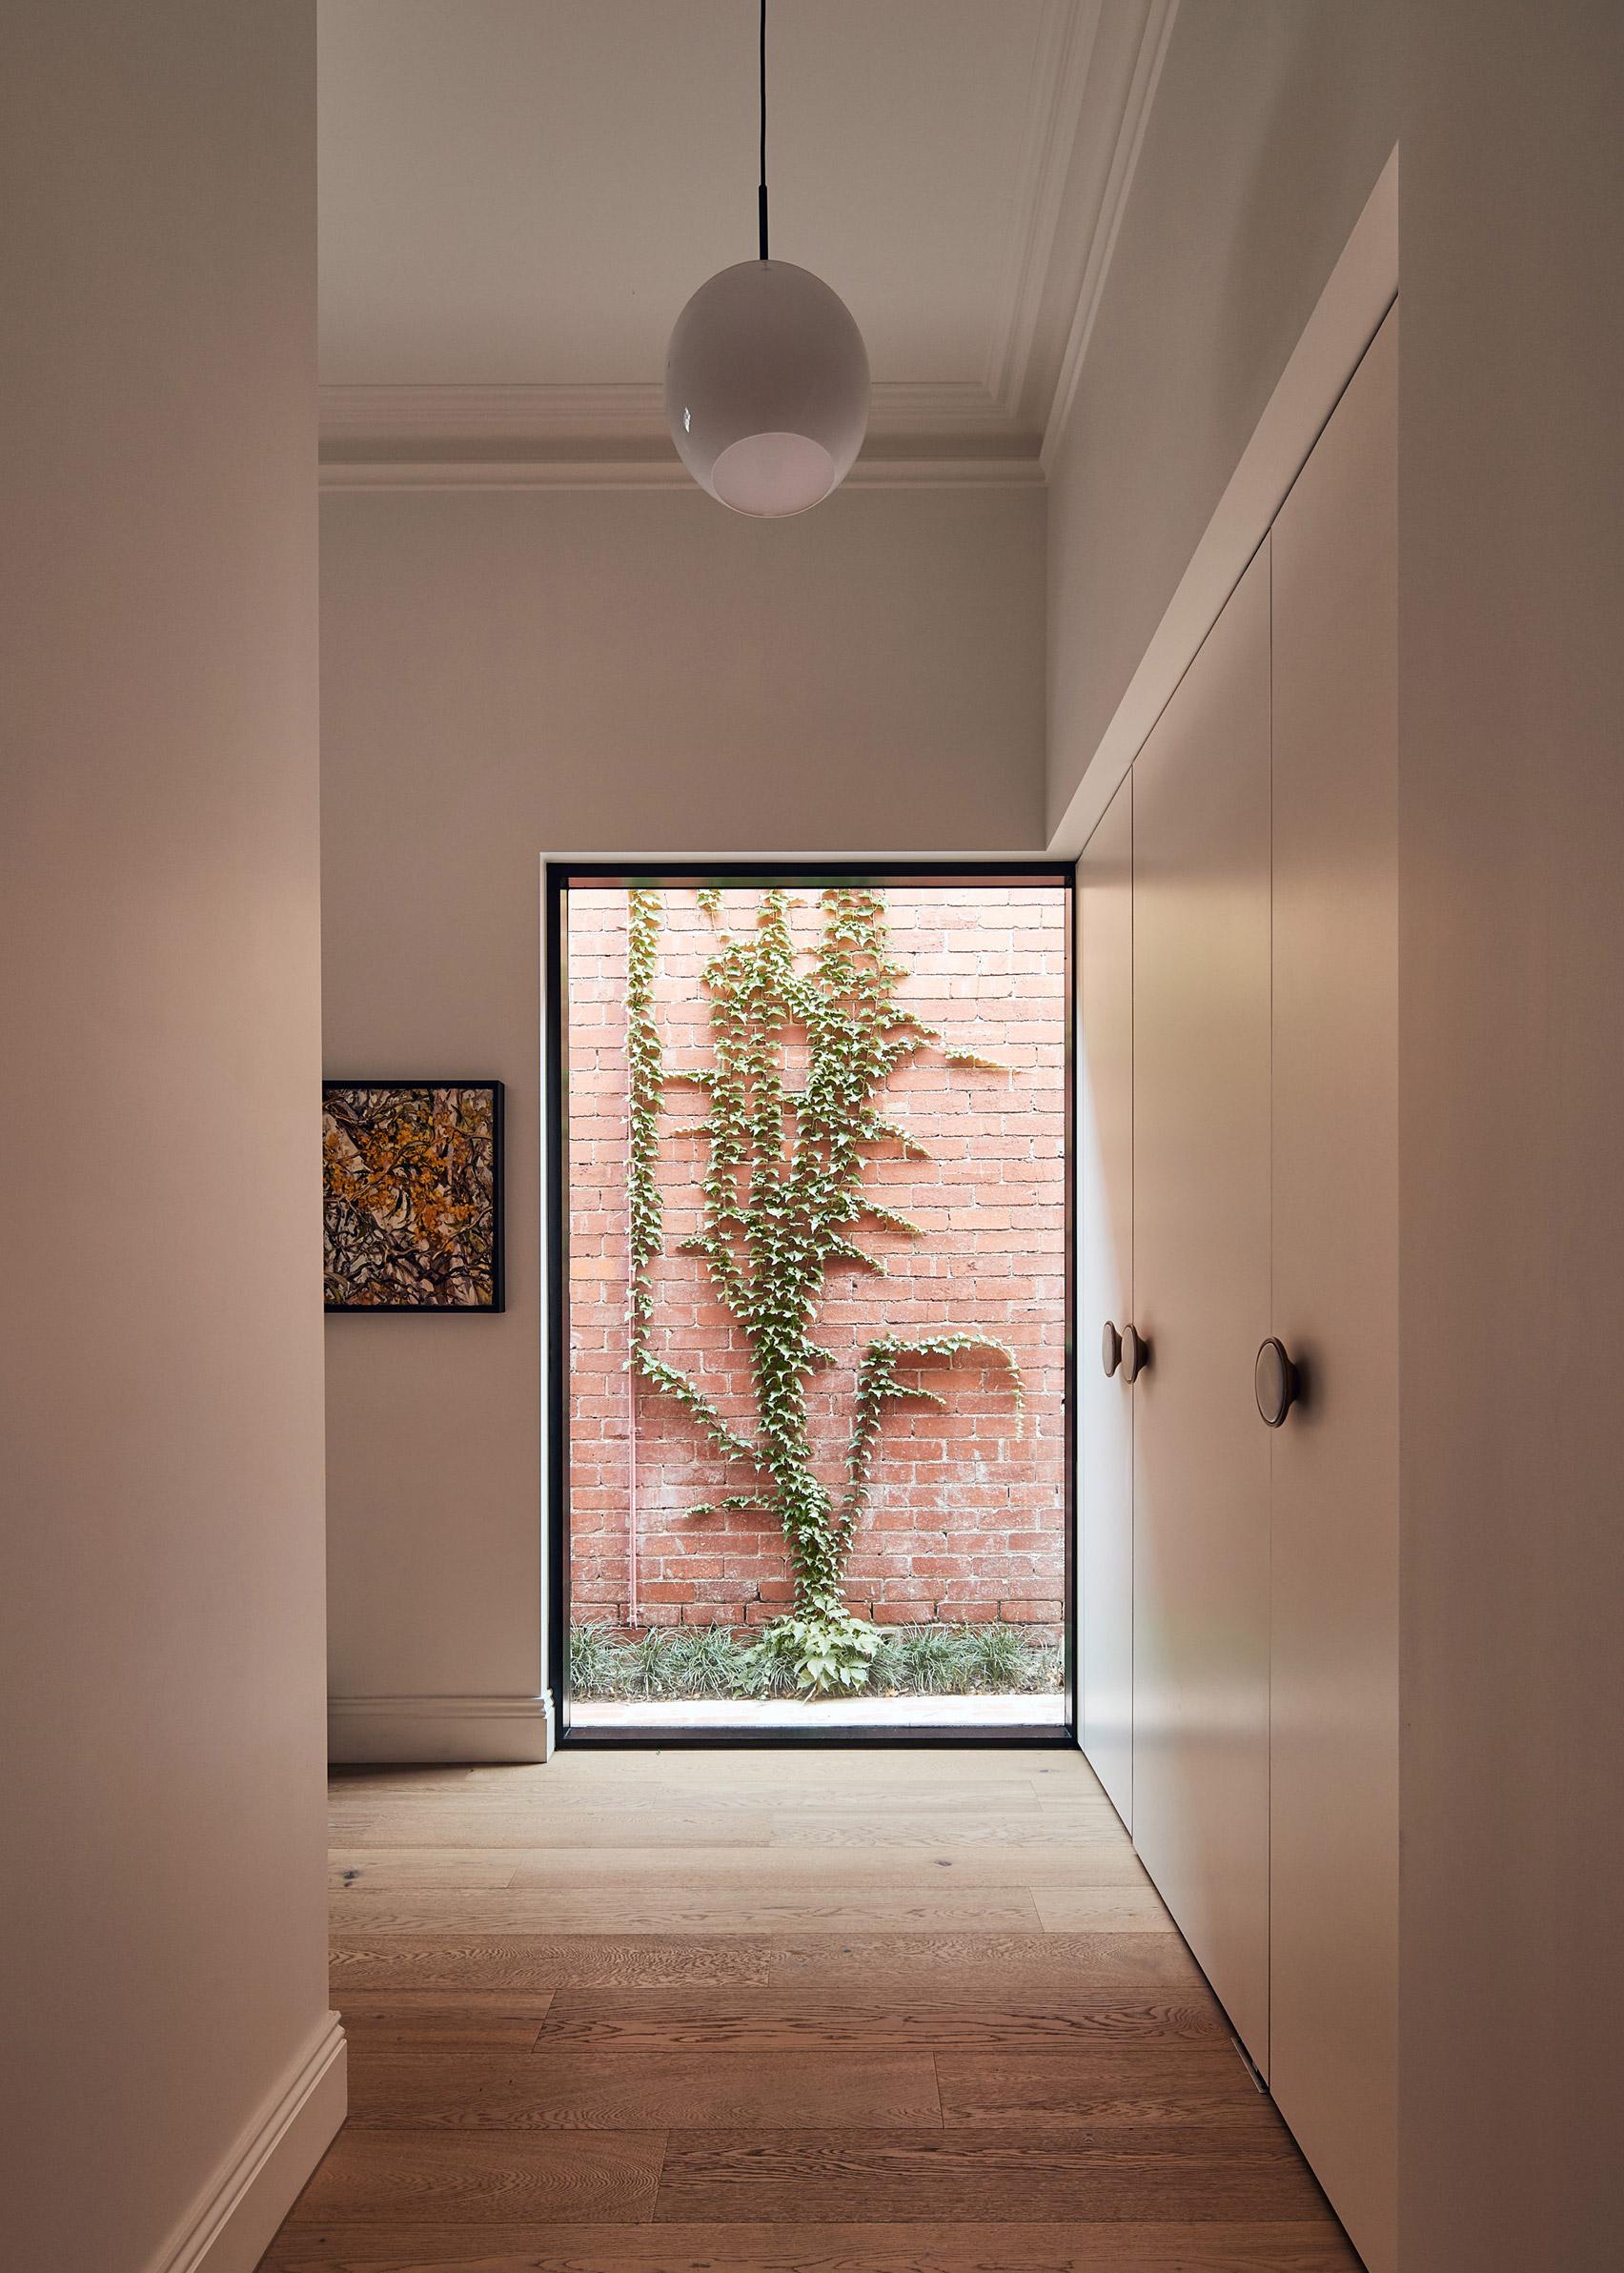 Thiết kế nội thất căn hộ đẹp 9